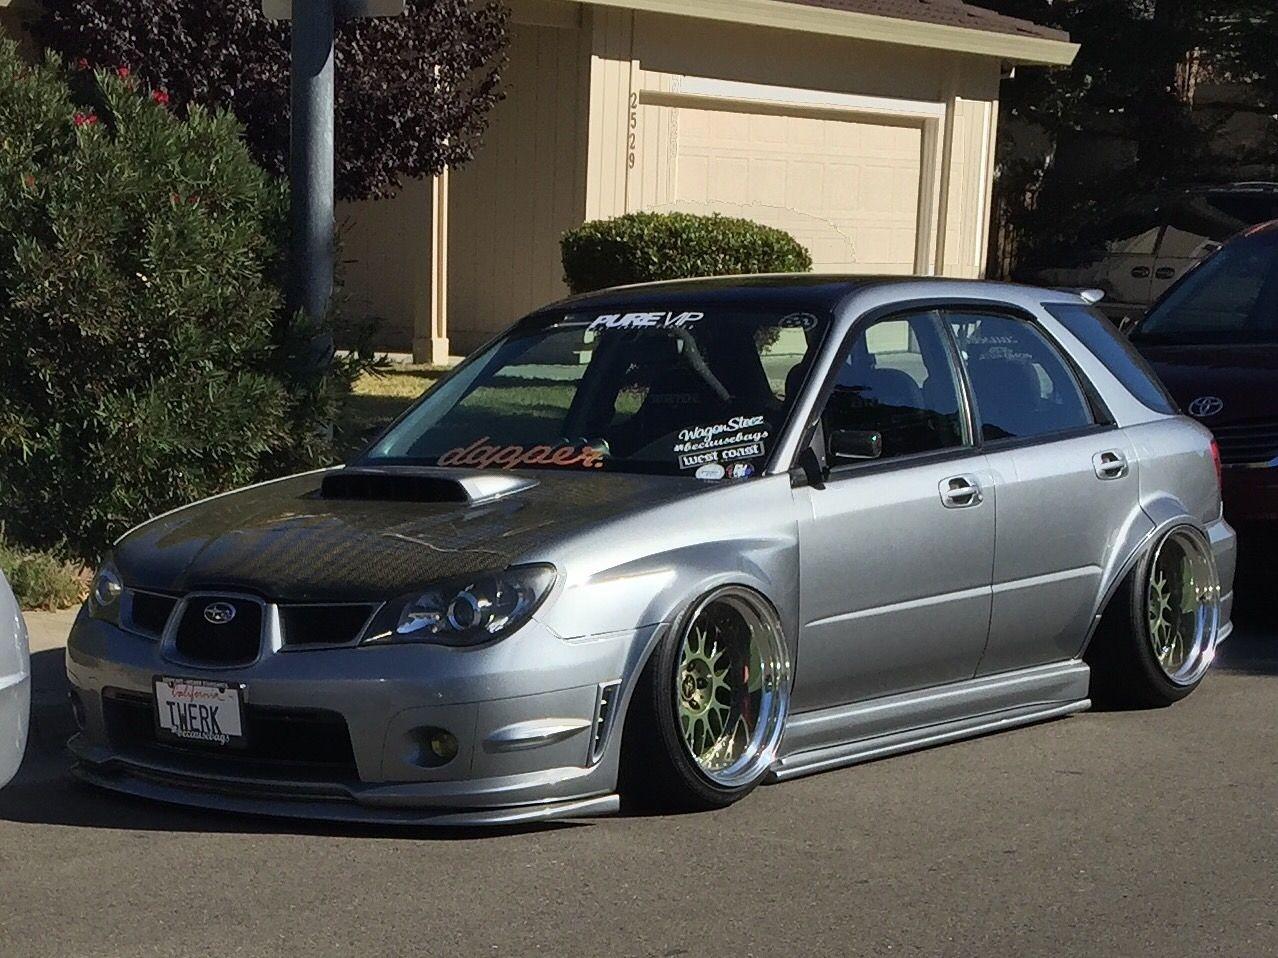 Subaru Impreza WRX Wagon Tuning Pinterest